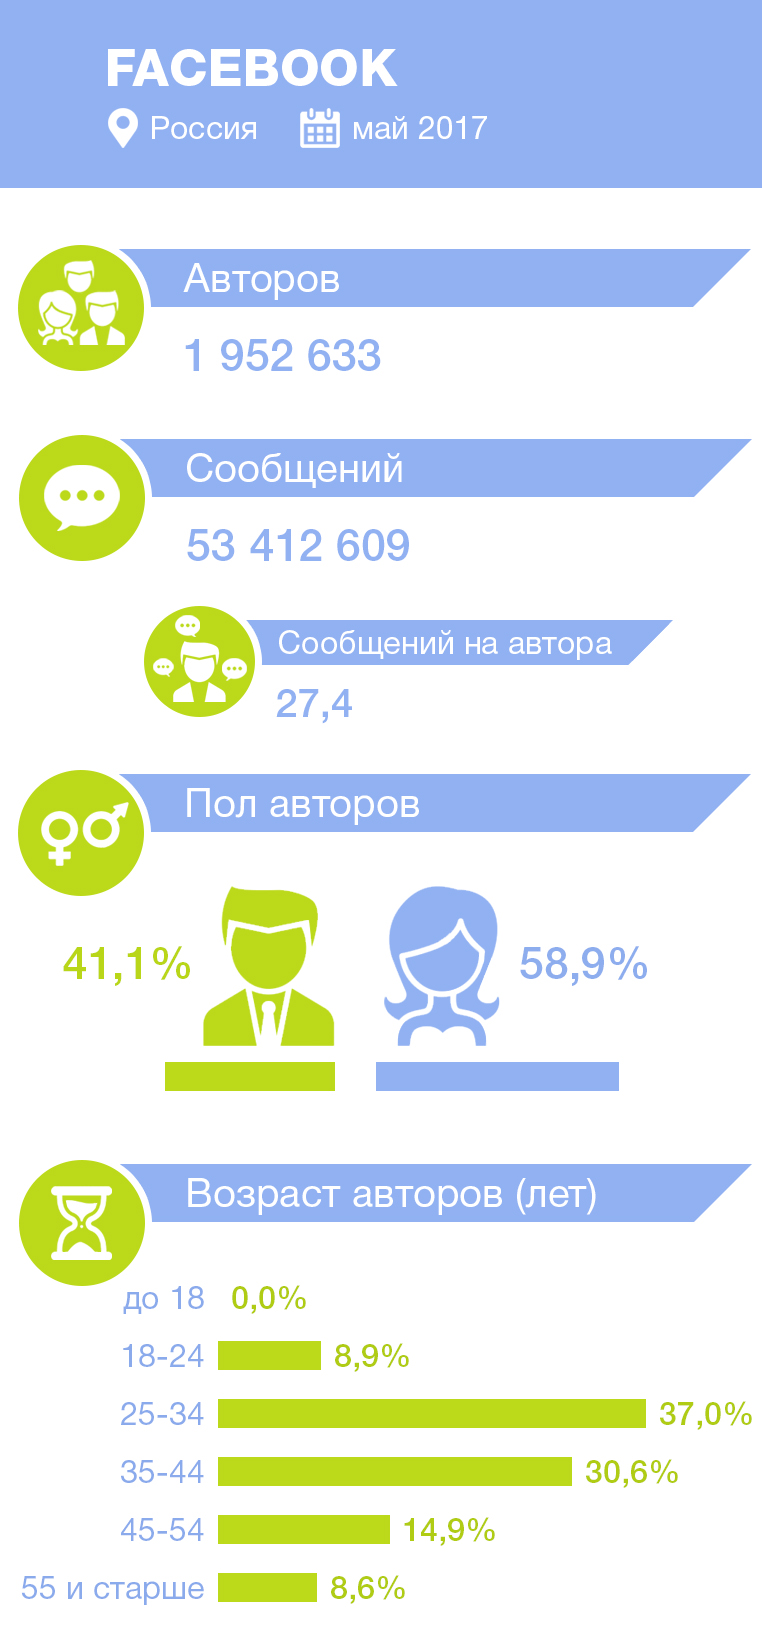 статистика авторов и сообщений в Facebook